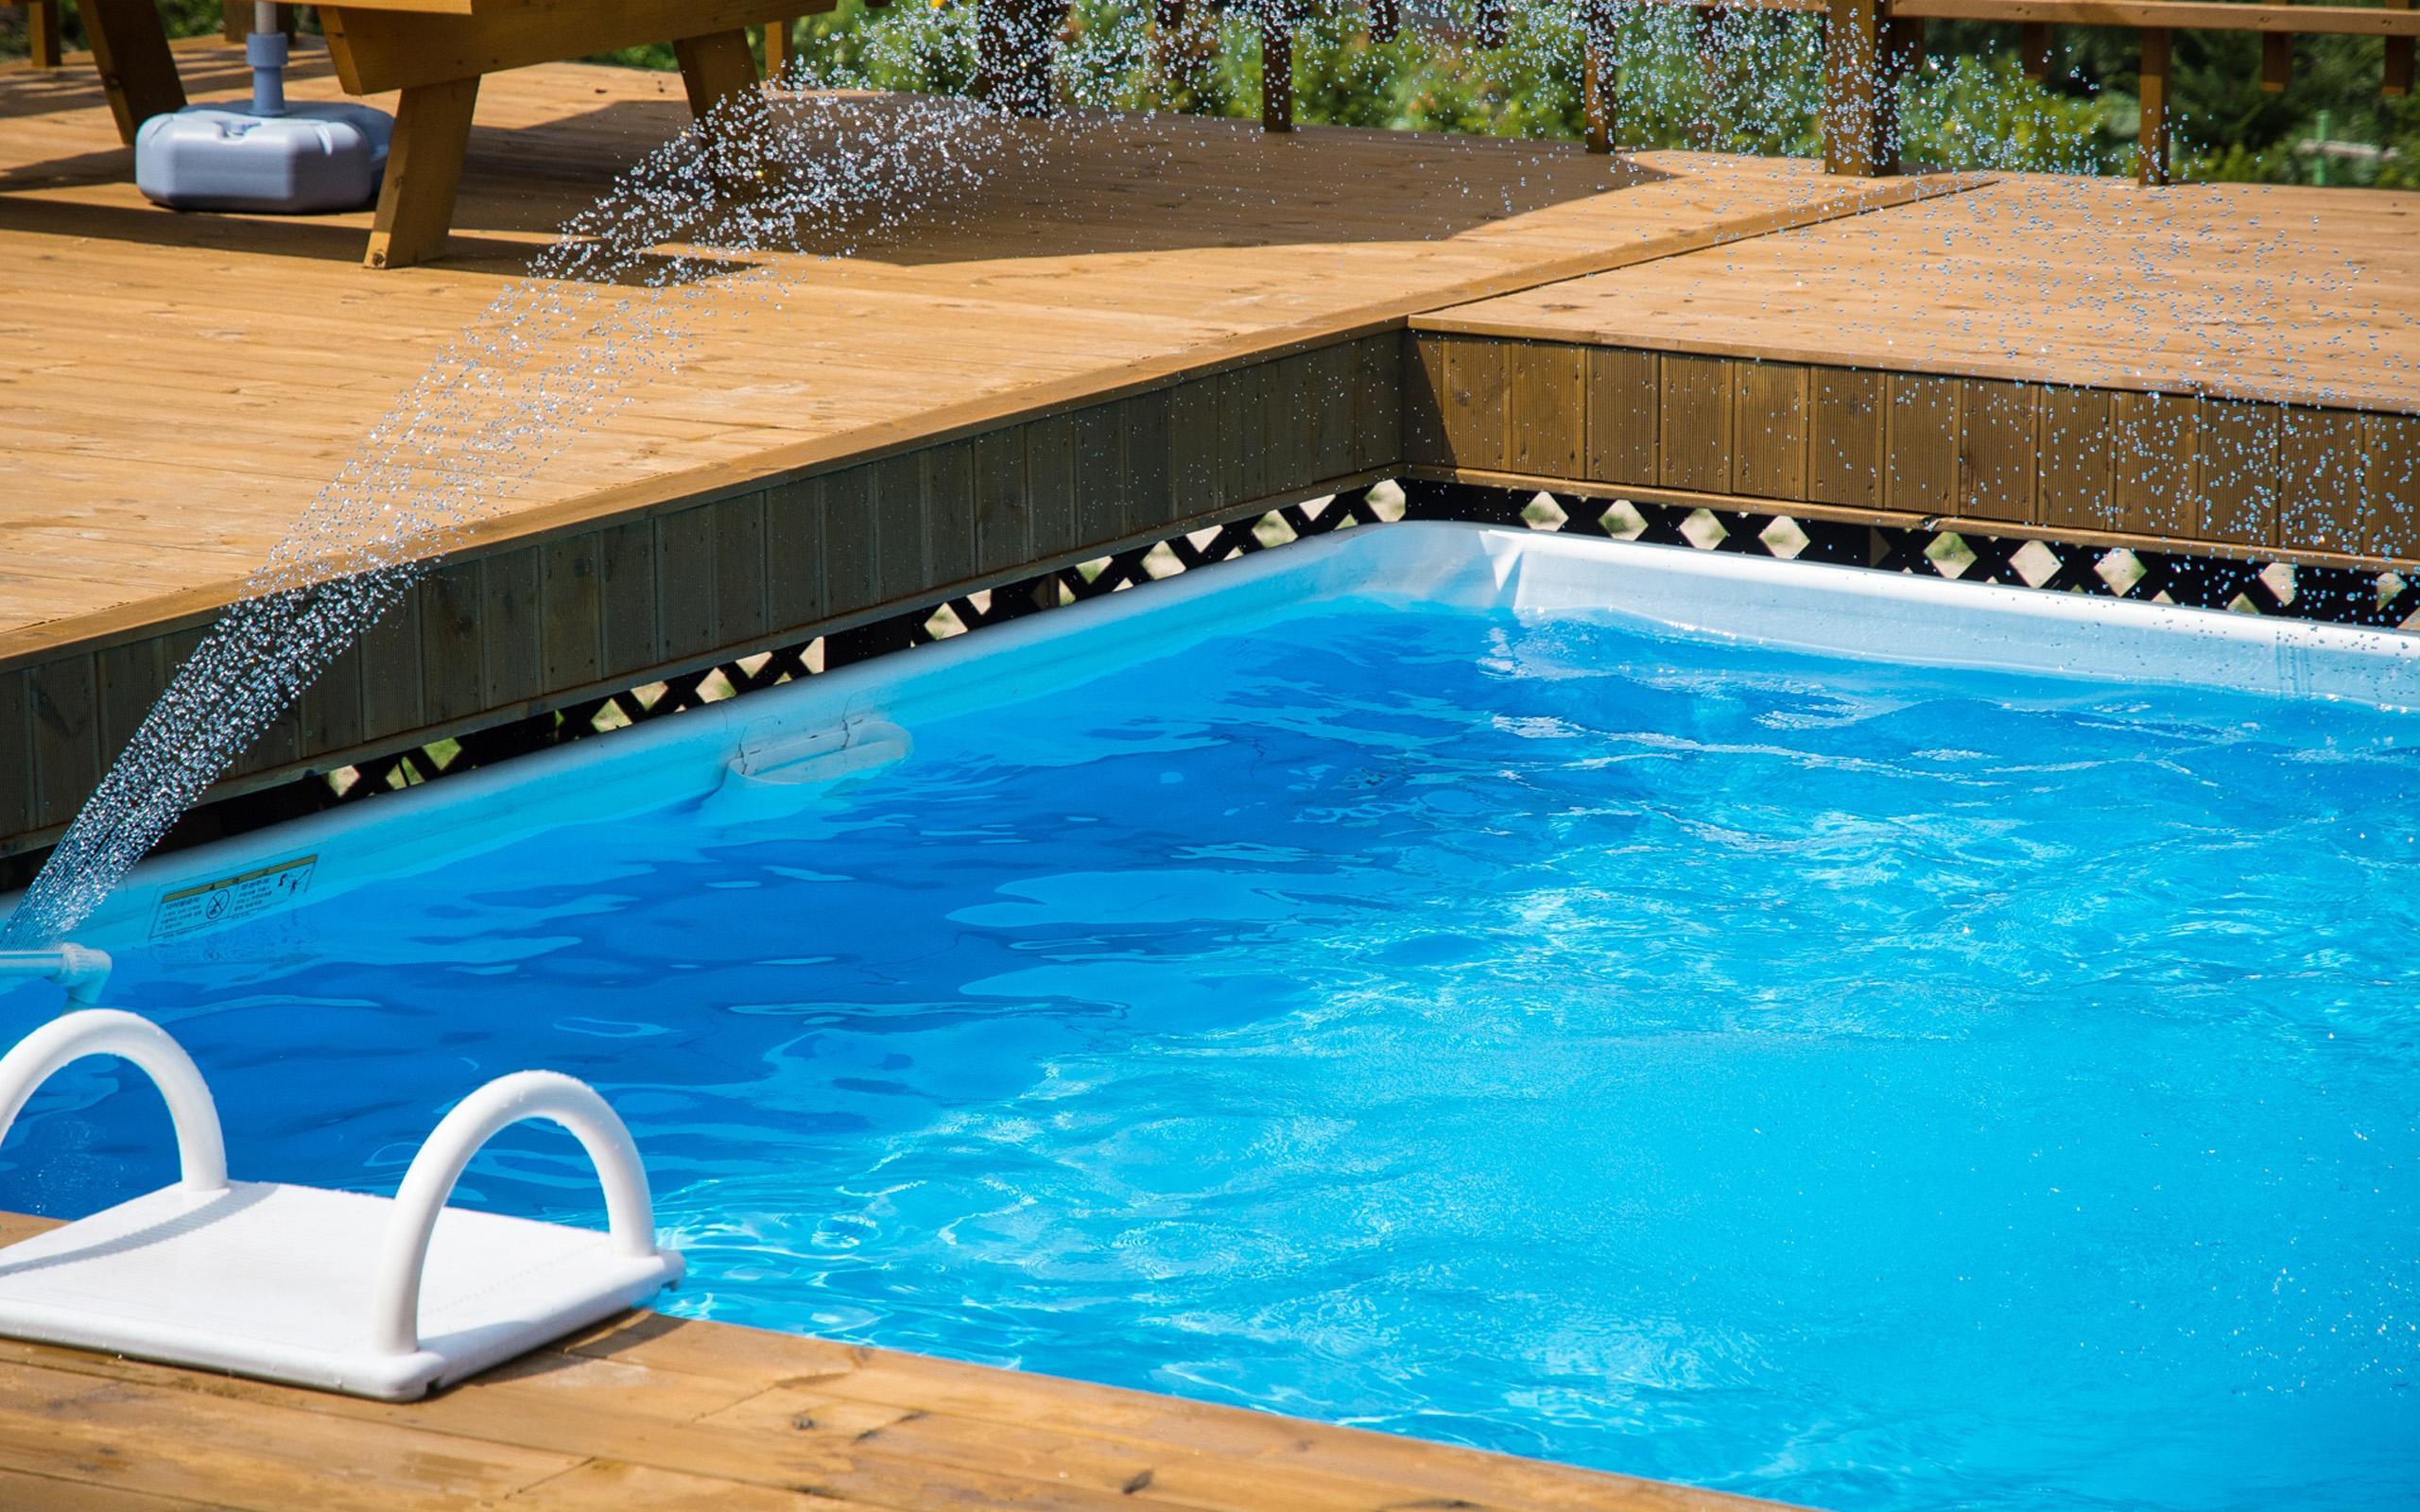 Pool-Leiter